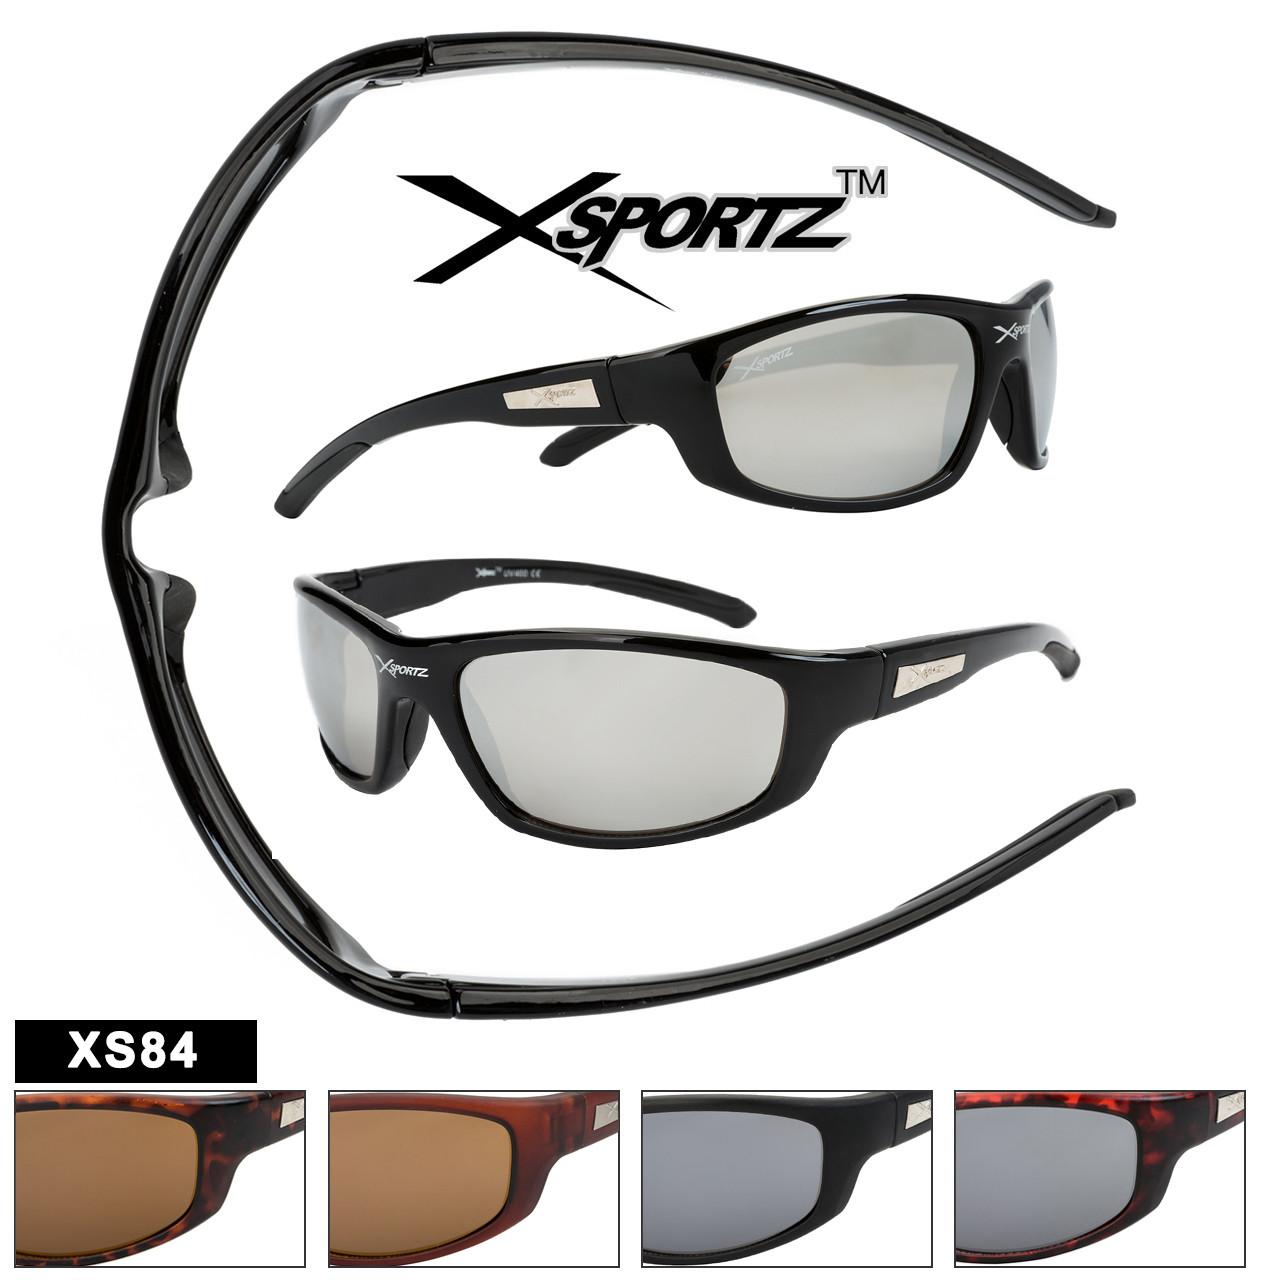 Men's Wholesale Sport Sunglasses XS84